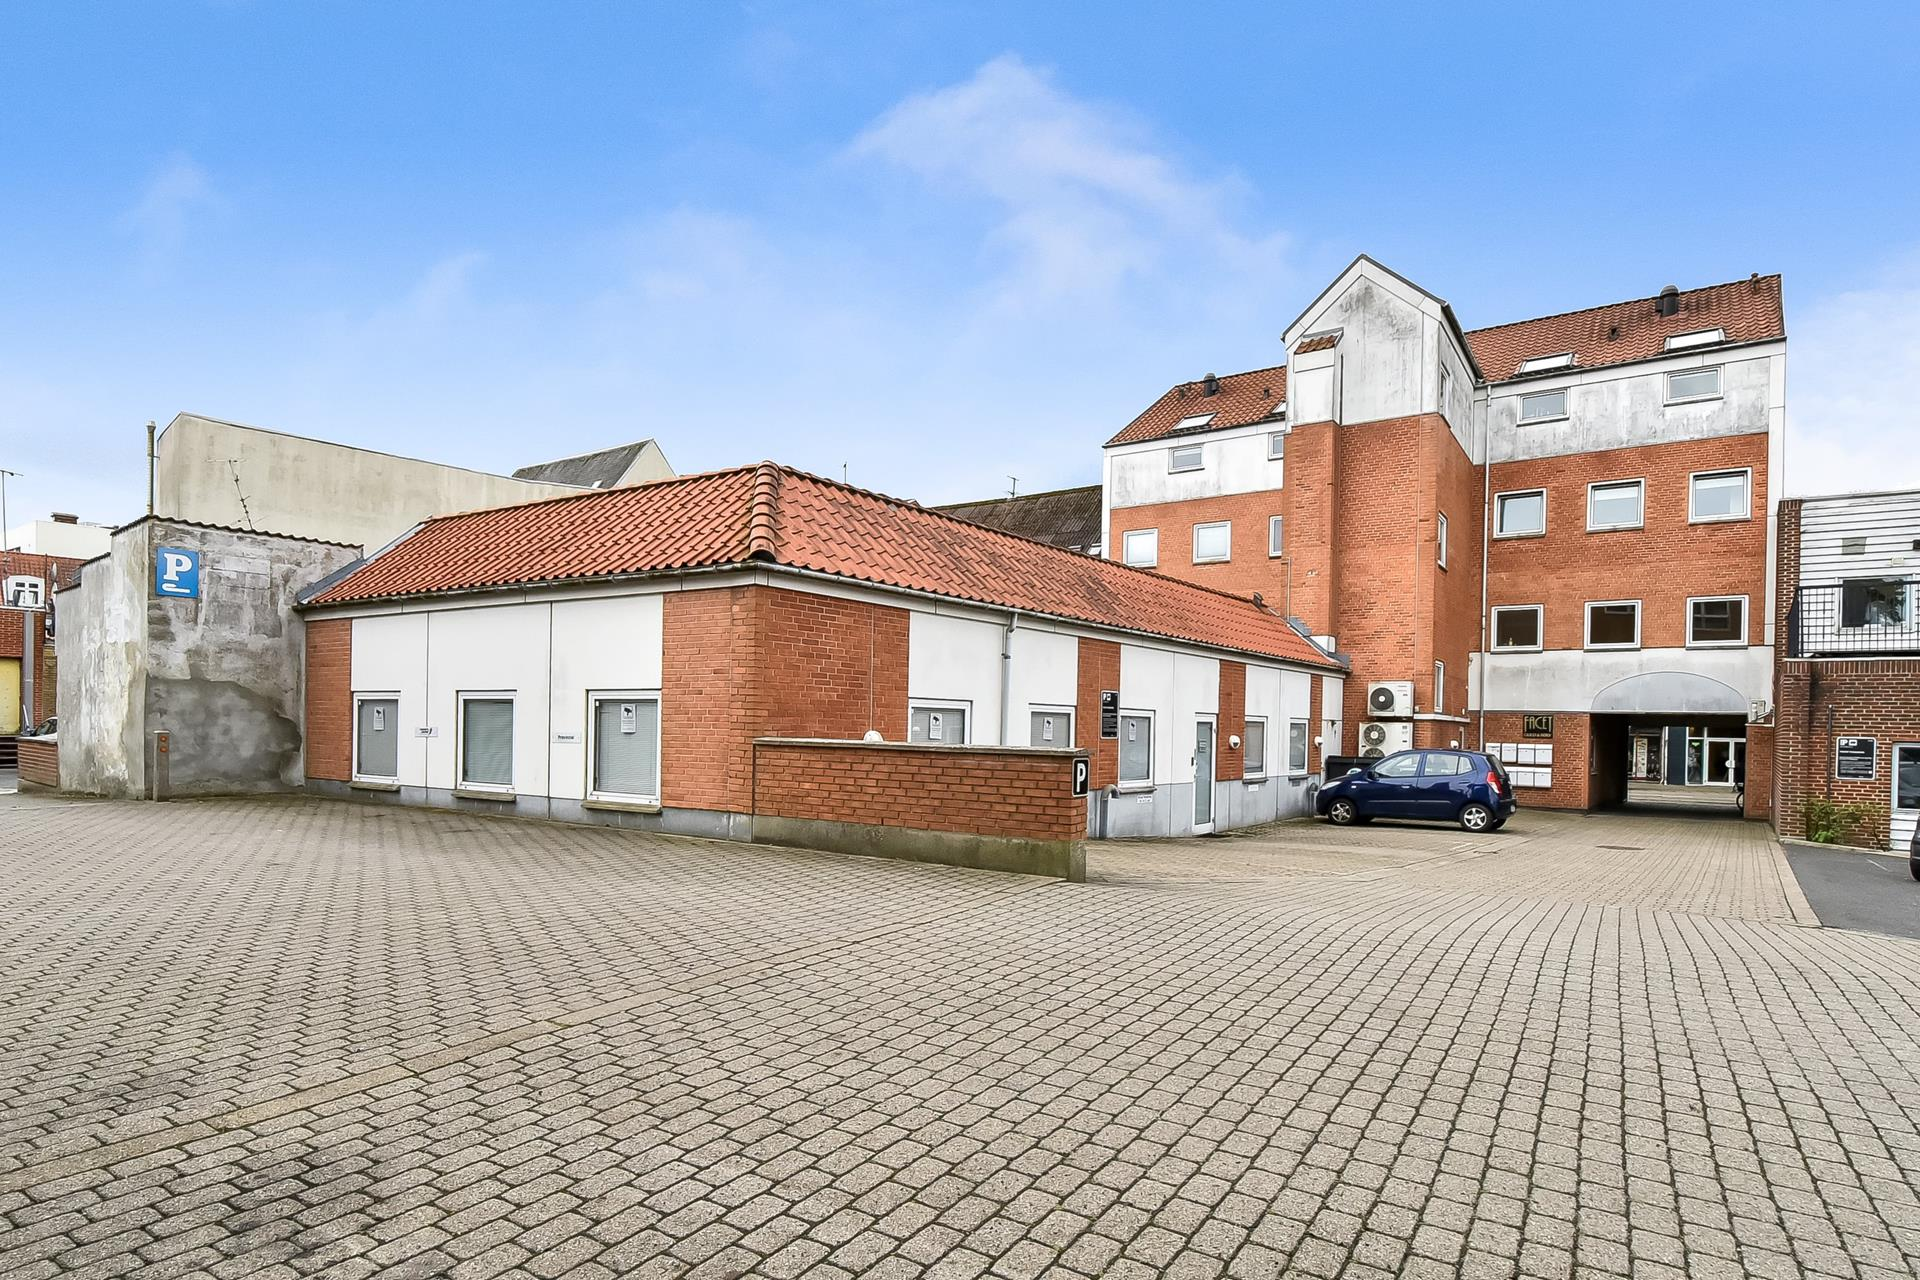 Bolig/erhverv på Bredgade i Herning - Parkeringsareal